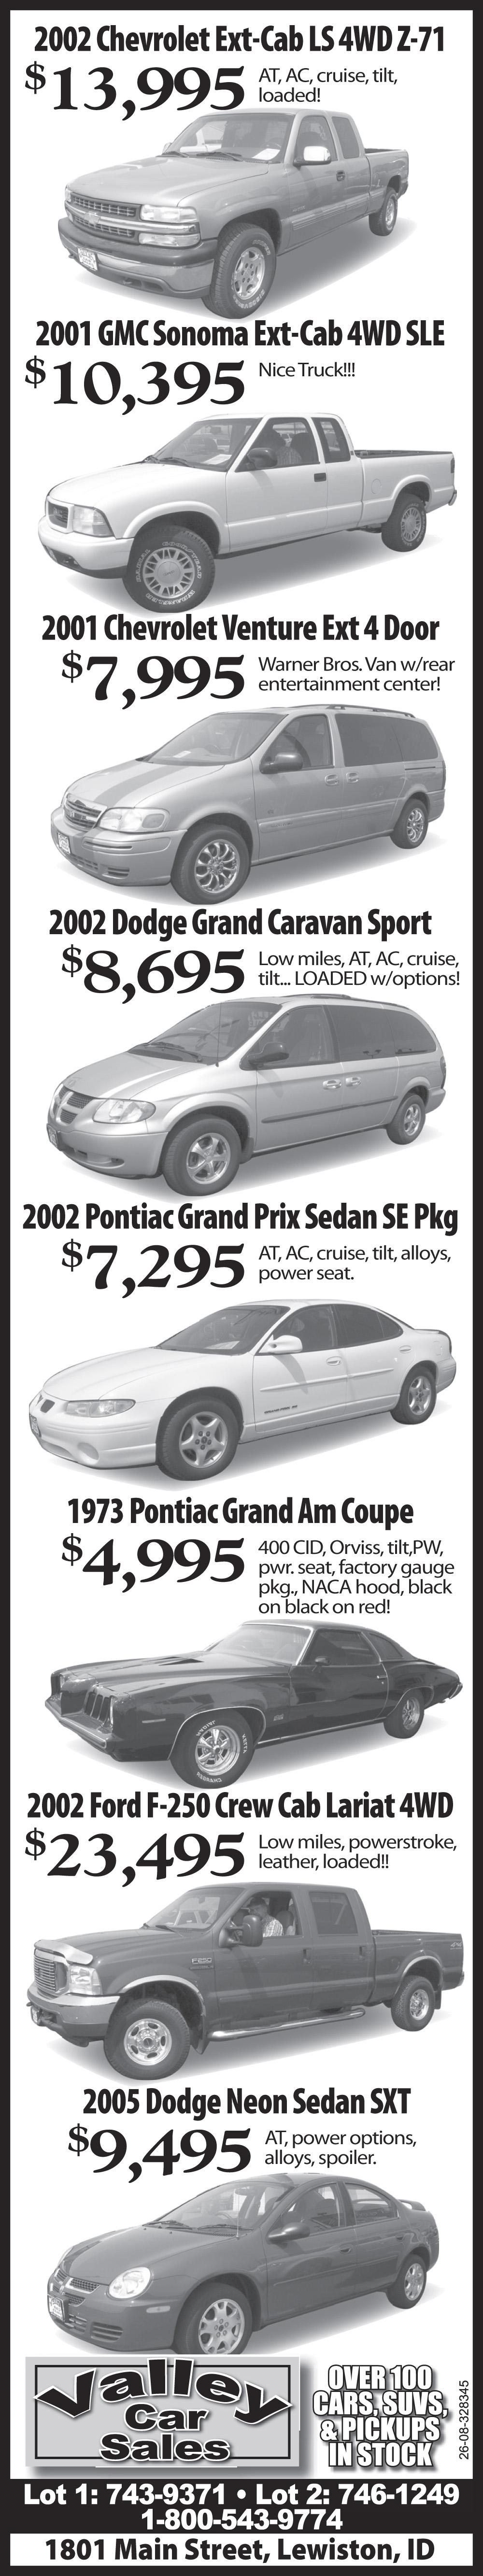 328345.jpg